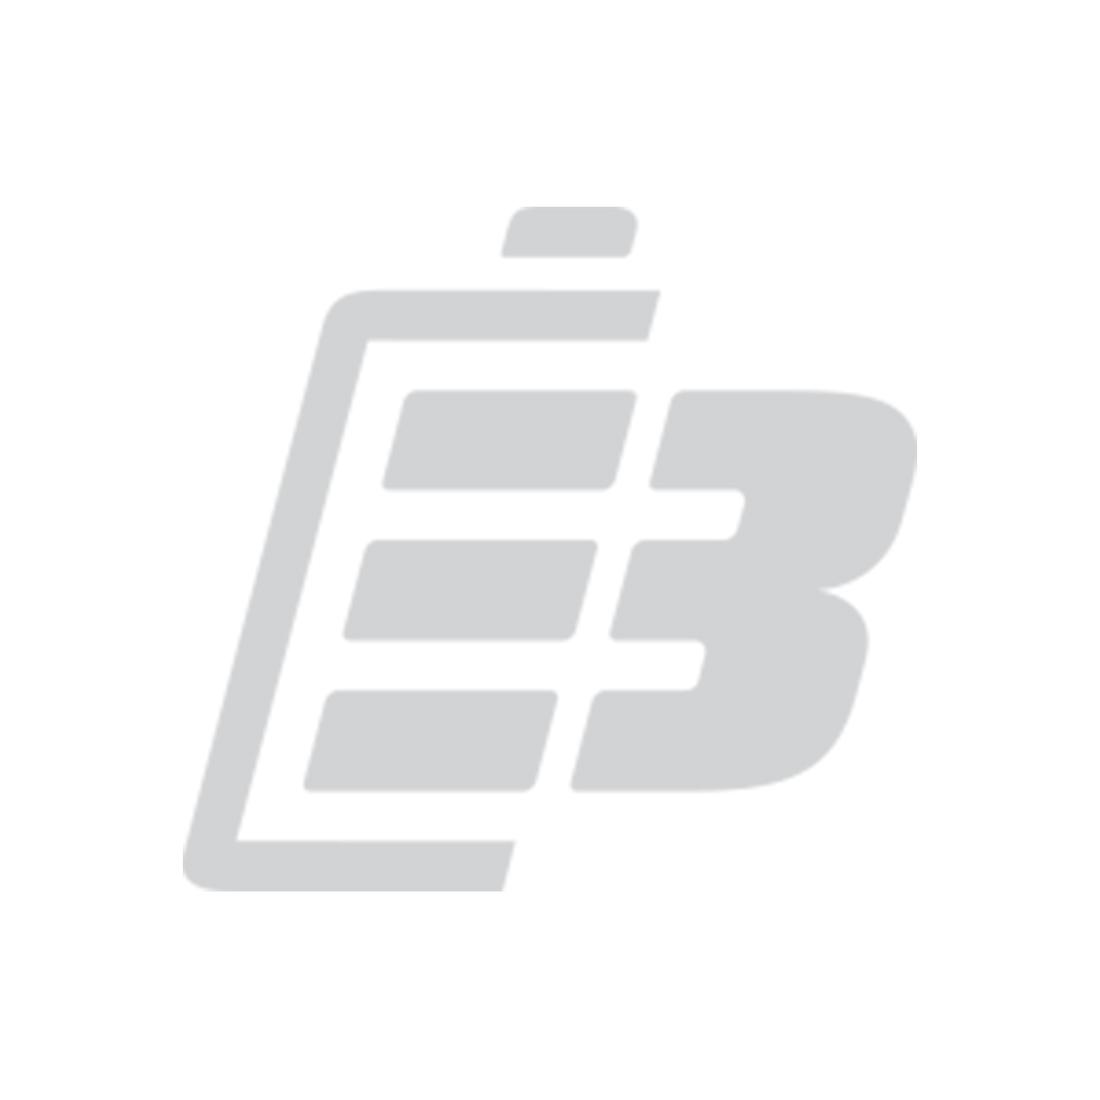 Μπαταρία tablet Samsung GT-P8110_1